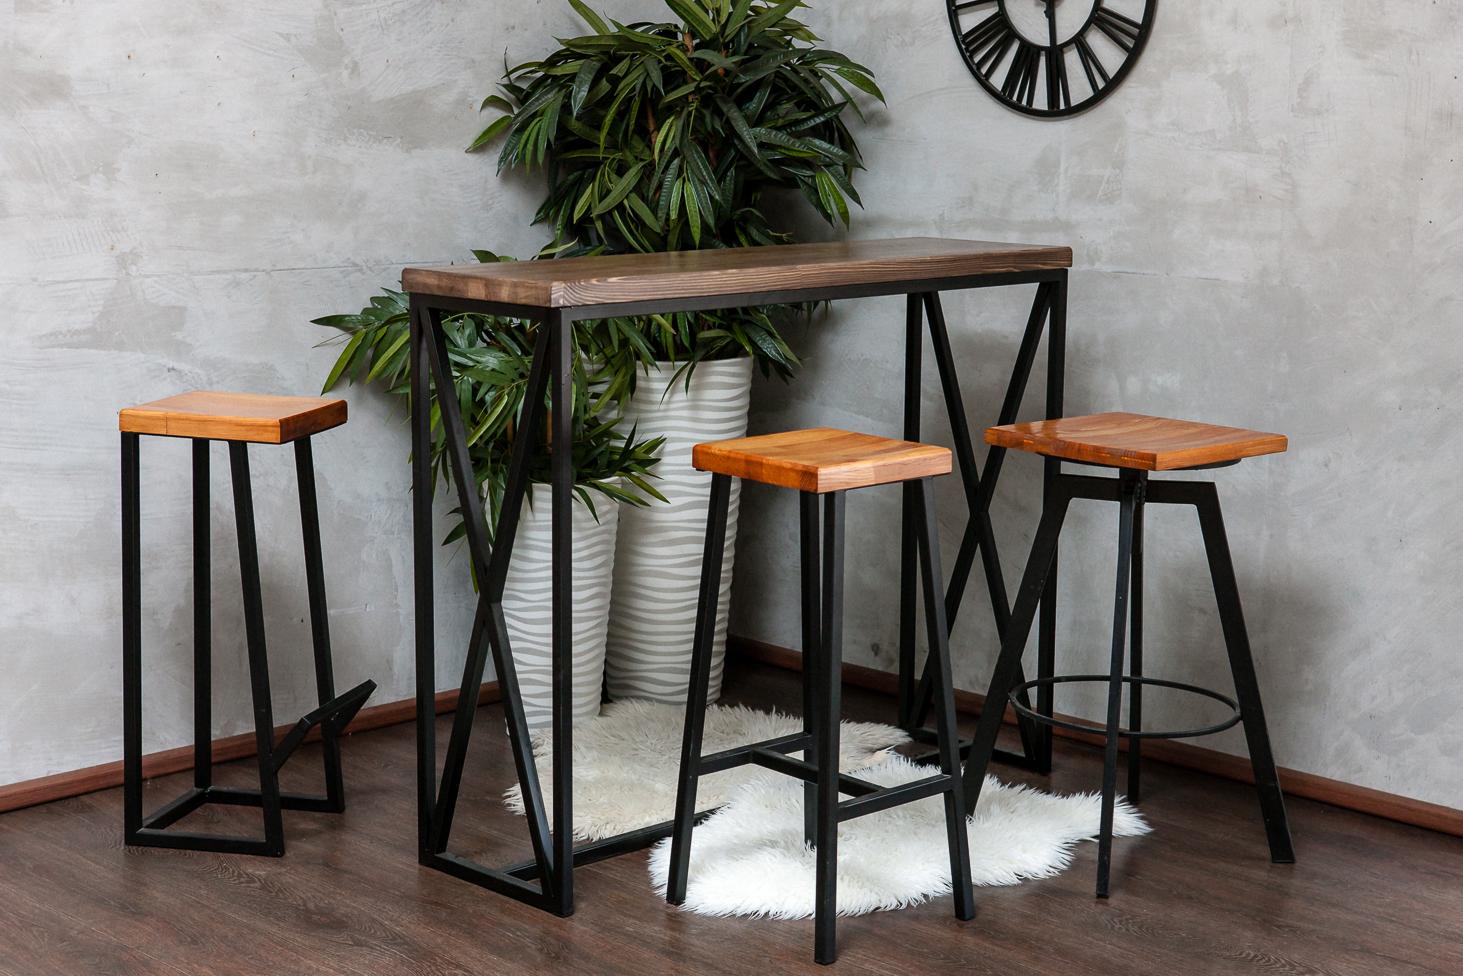 Барные стулья в стиле лофт для дома